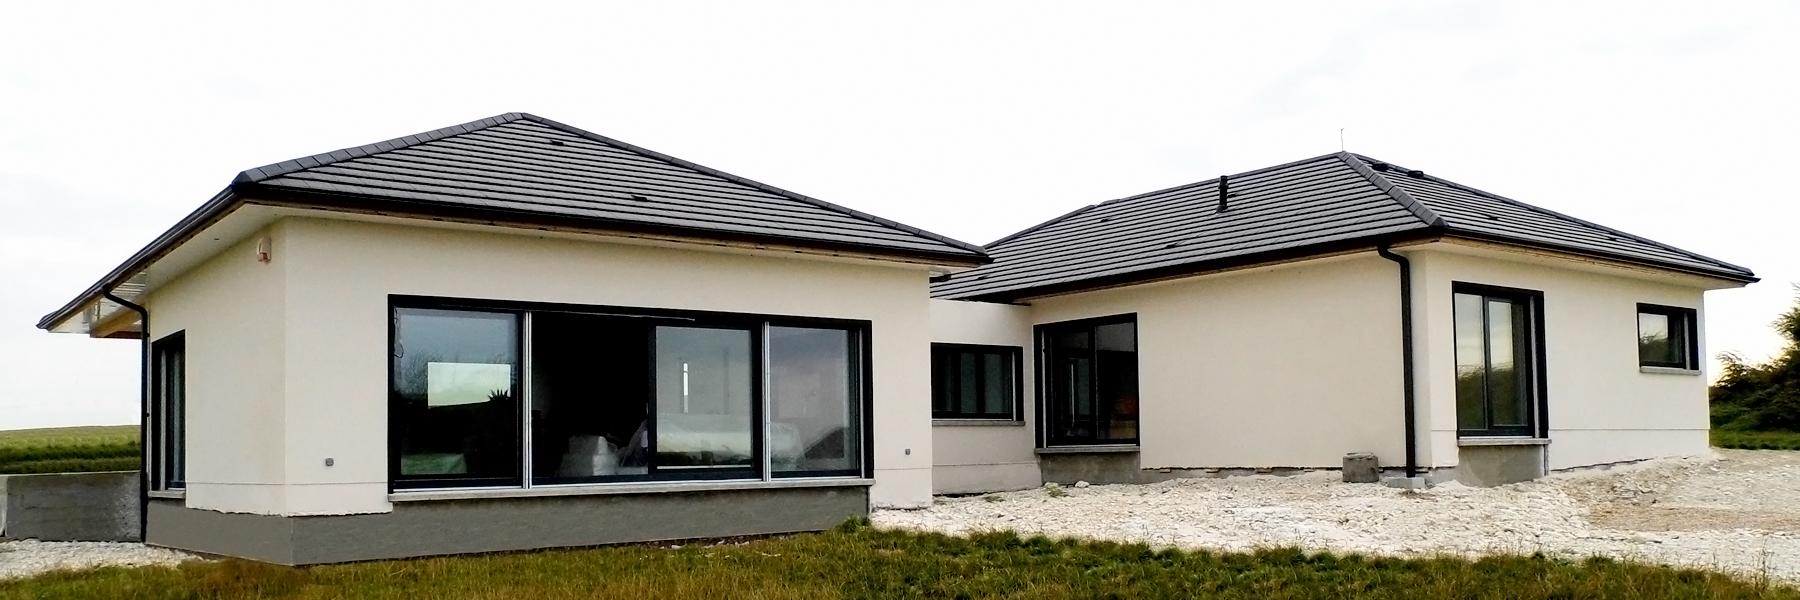 Tarif maison ossature bois cle en main ventana blog for Maison a ossature bois tarif